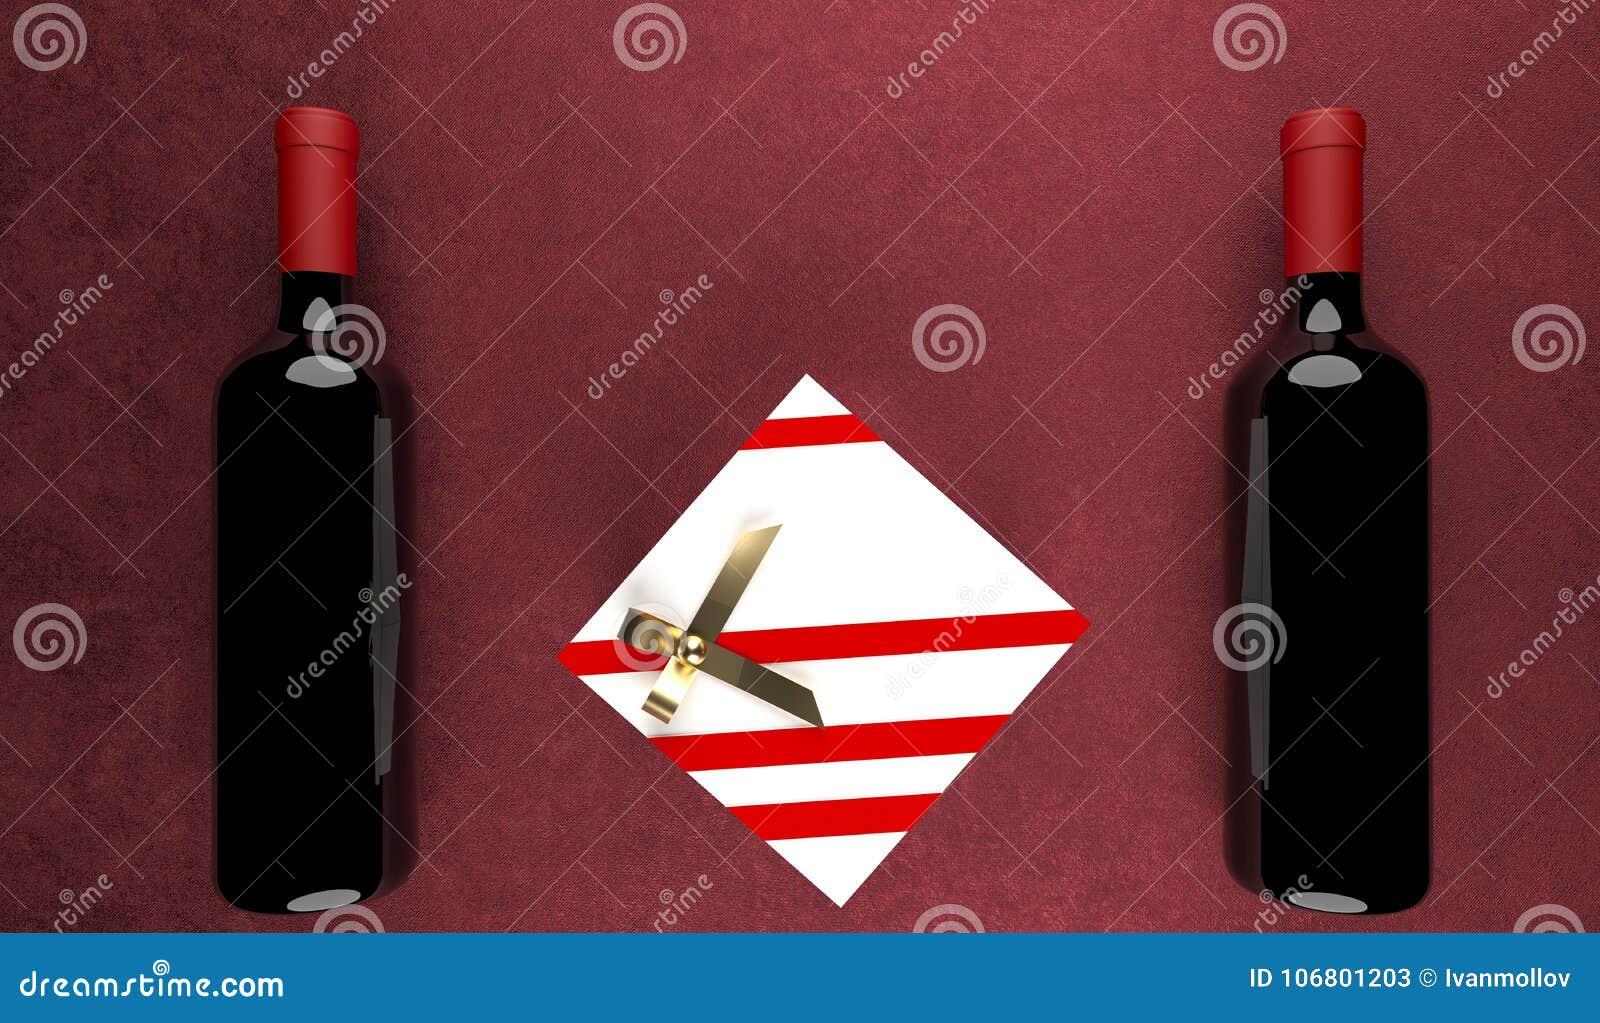 Download Zwei Rotwein-Flaschen Mit Geschenkbox In Der Mitte Stock Abbildung - Illustration von fall, nahaufnahme: 106801203